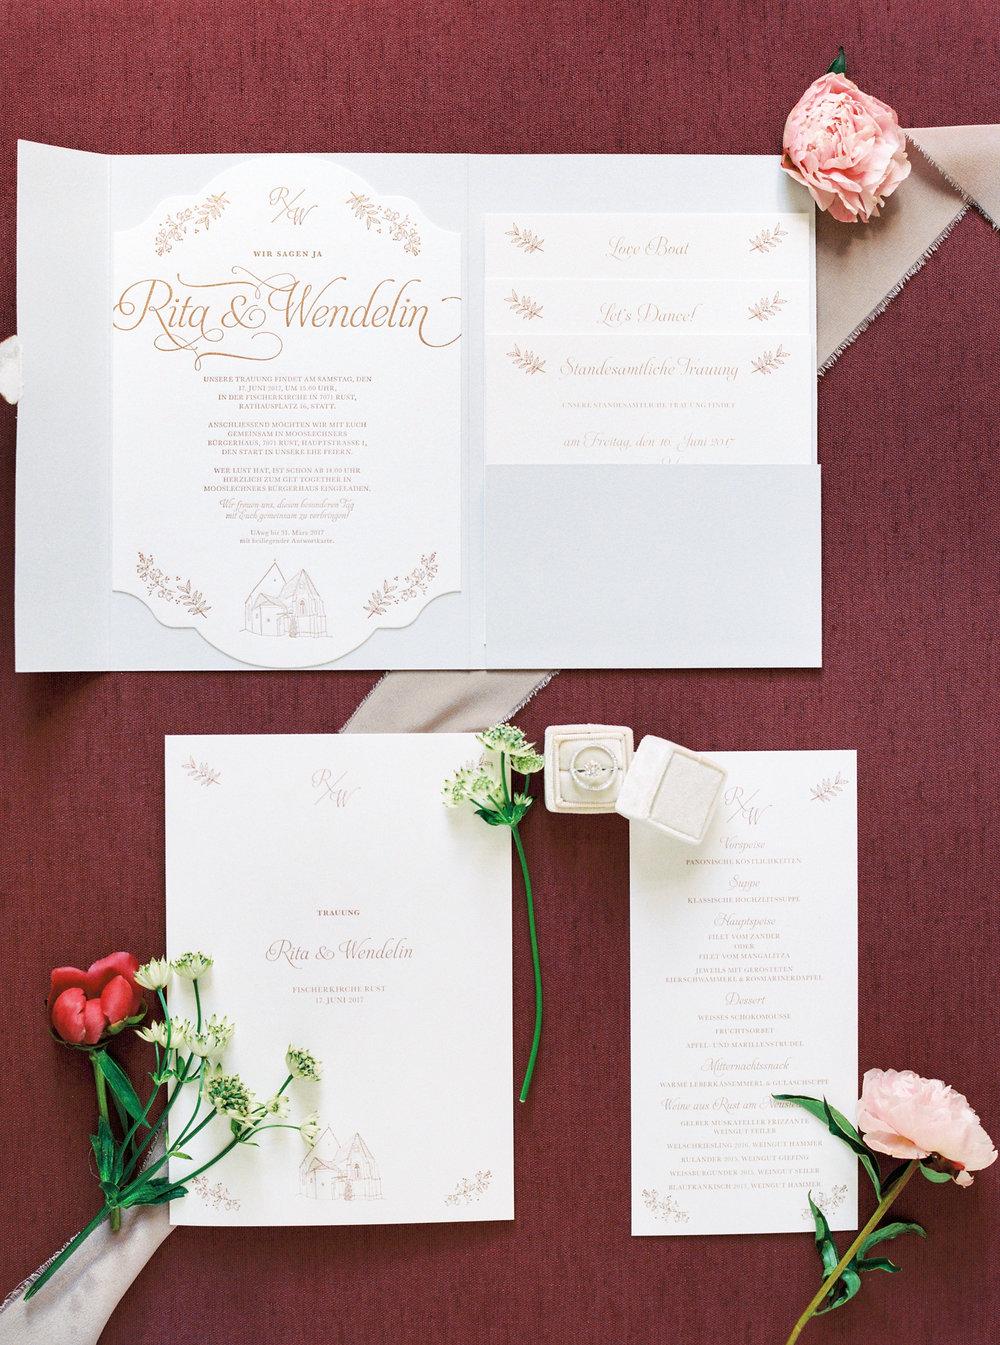 Rita-Wendelin-Hochzeit-Neusiedlersee-Rust-1©melanie-nedelko.jpg